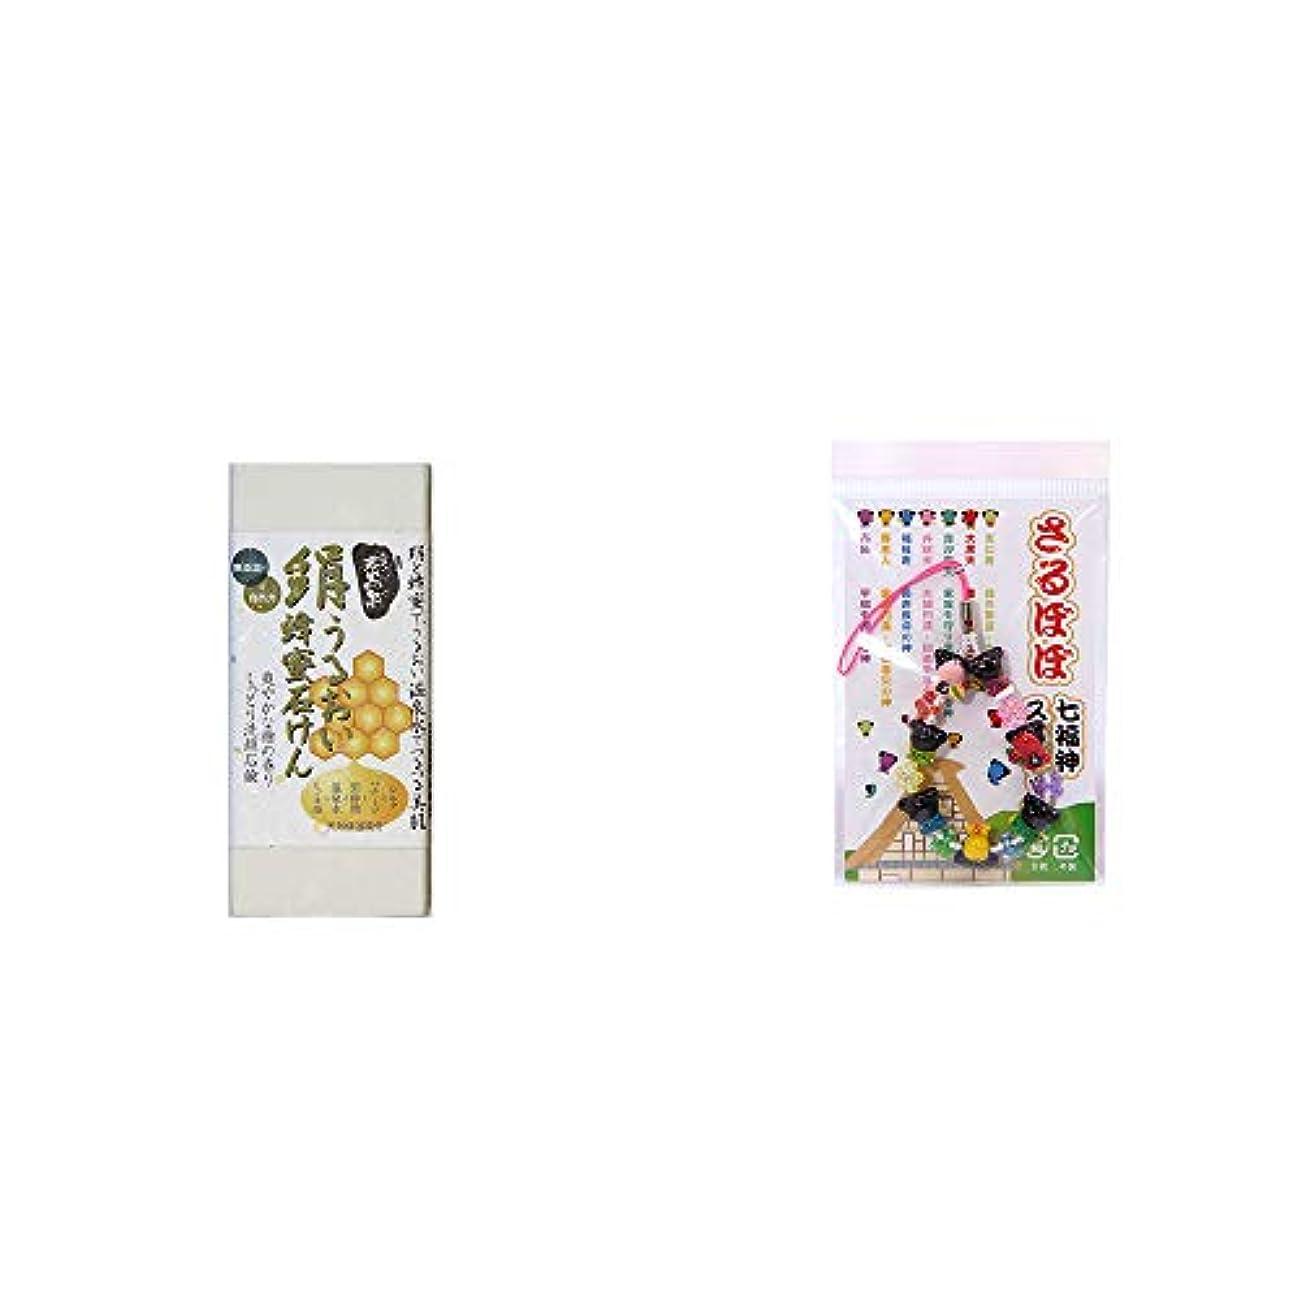 従順な公式ラップ[2点セット] ひのき炭黒泉 絹うるおい蜂蜜石けん(75g×2)?さるぼぼ七福神ストラップ/縁結び?魔除け //